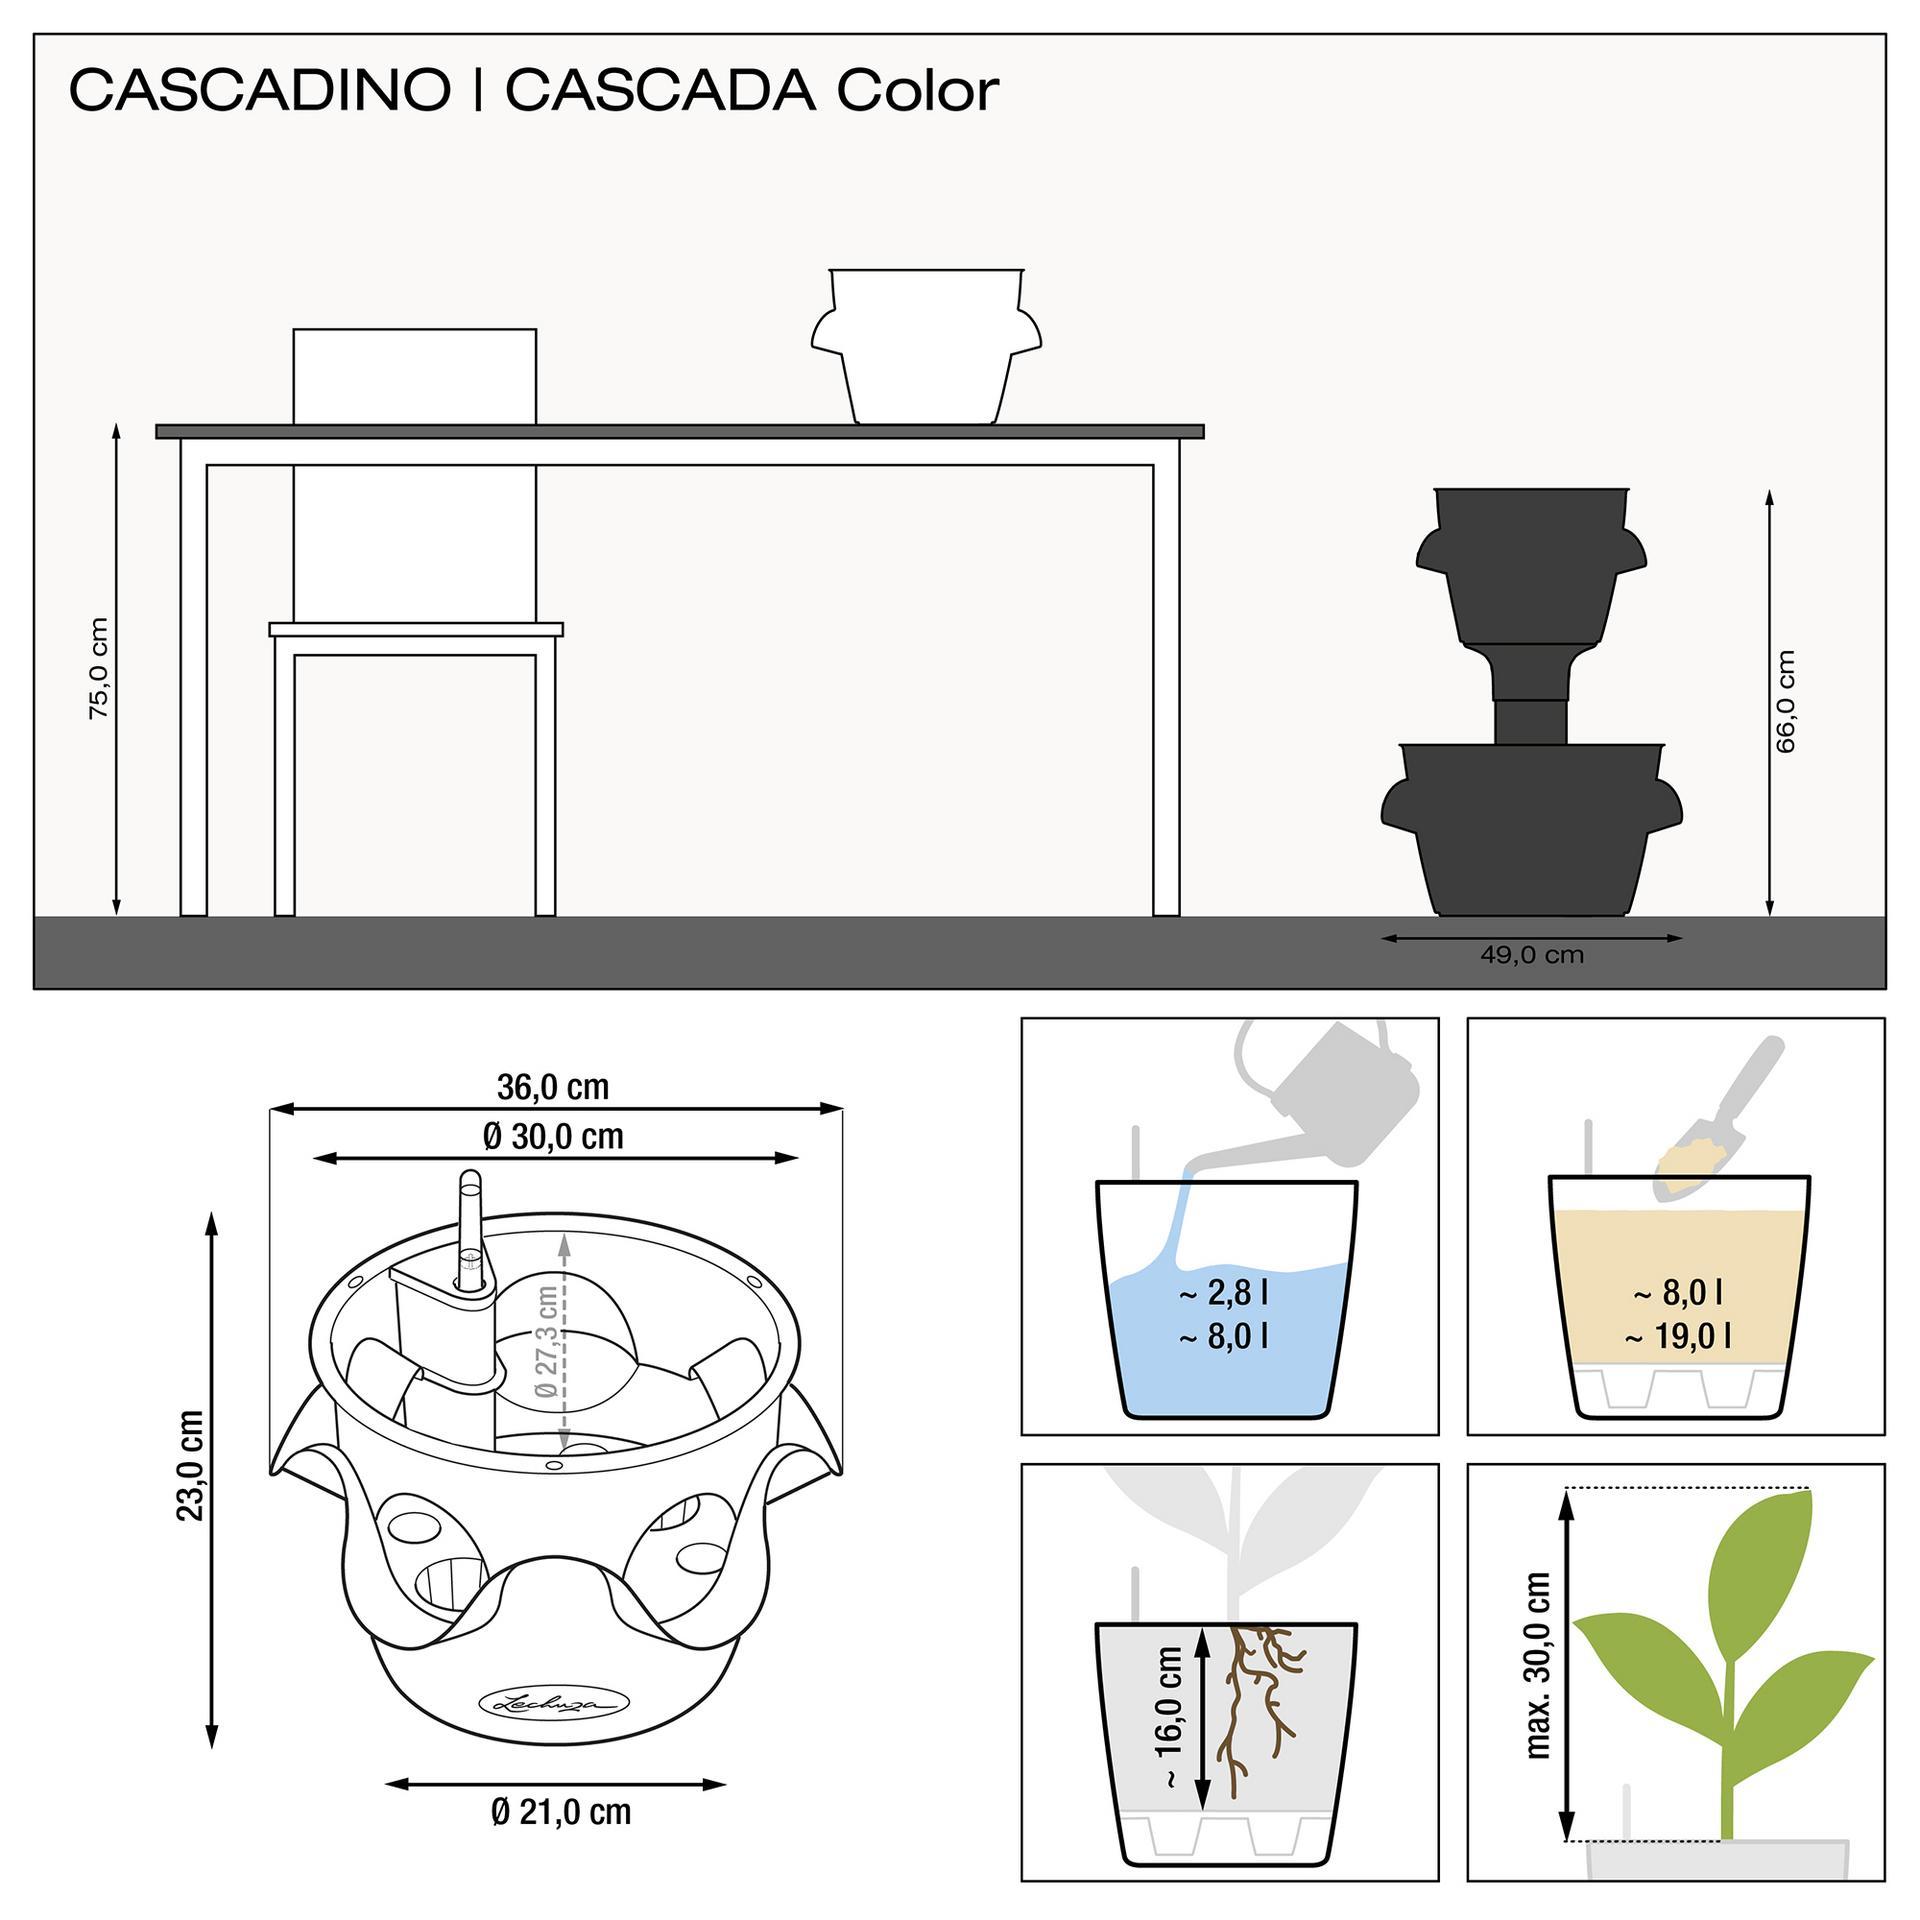 le_cascadino-color36-2_product_addi_nz